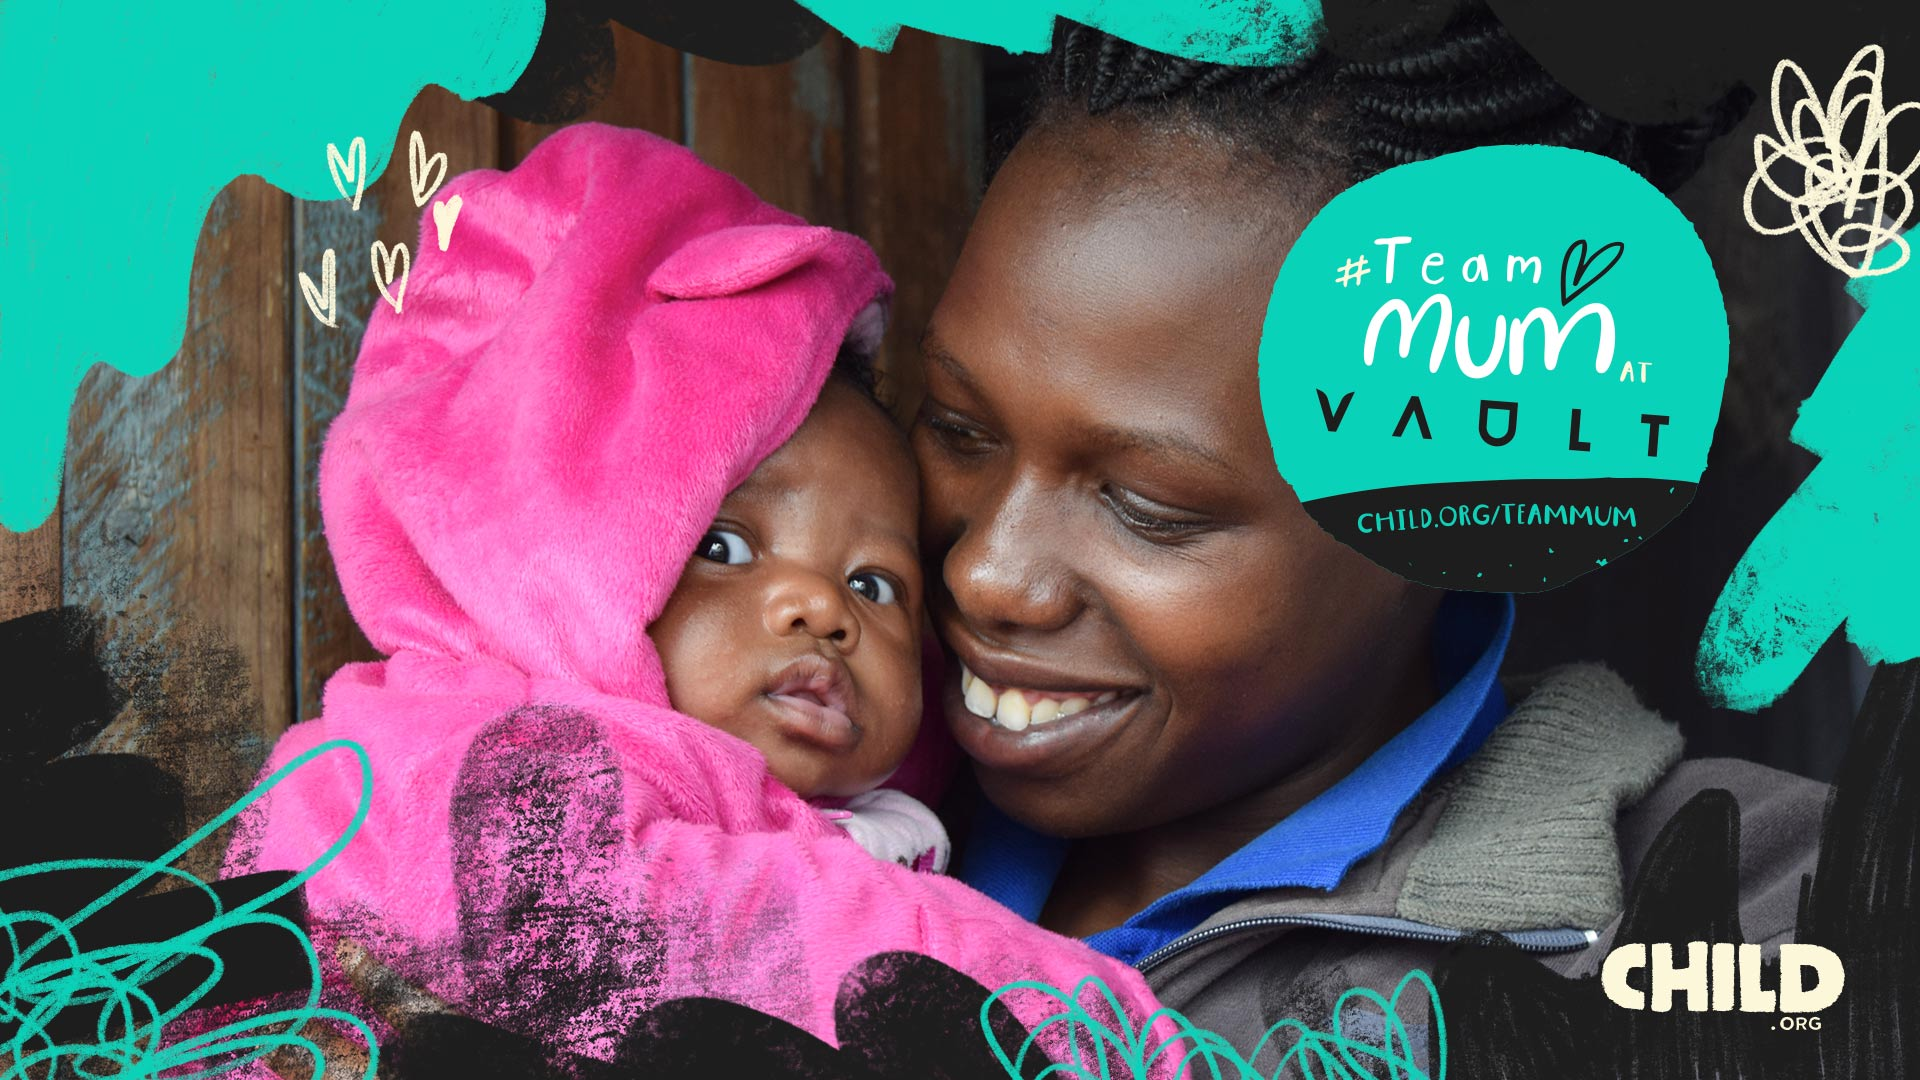 Team Mum at Vault Festival Child.org